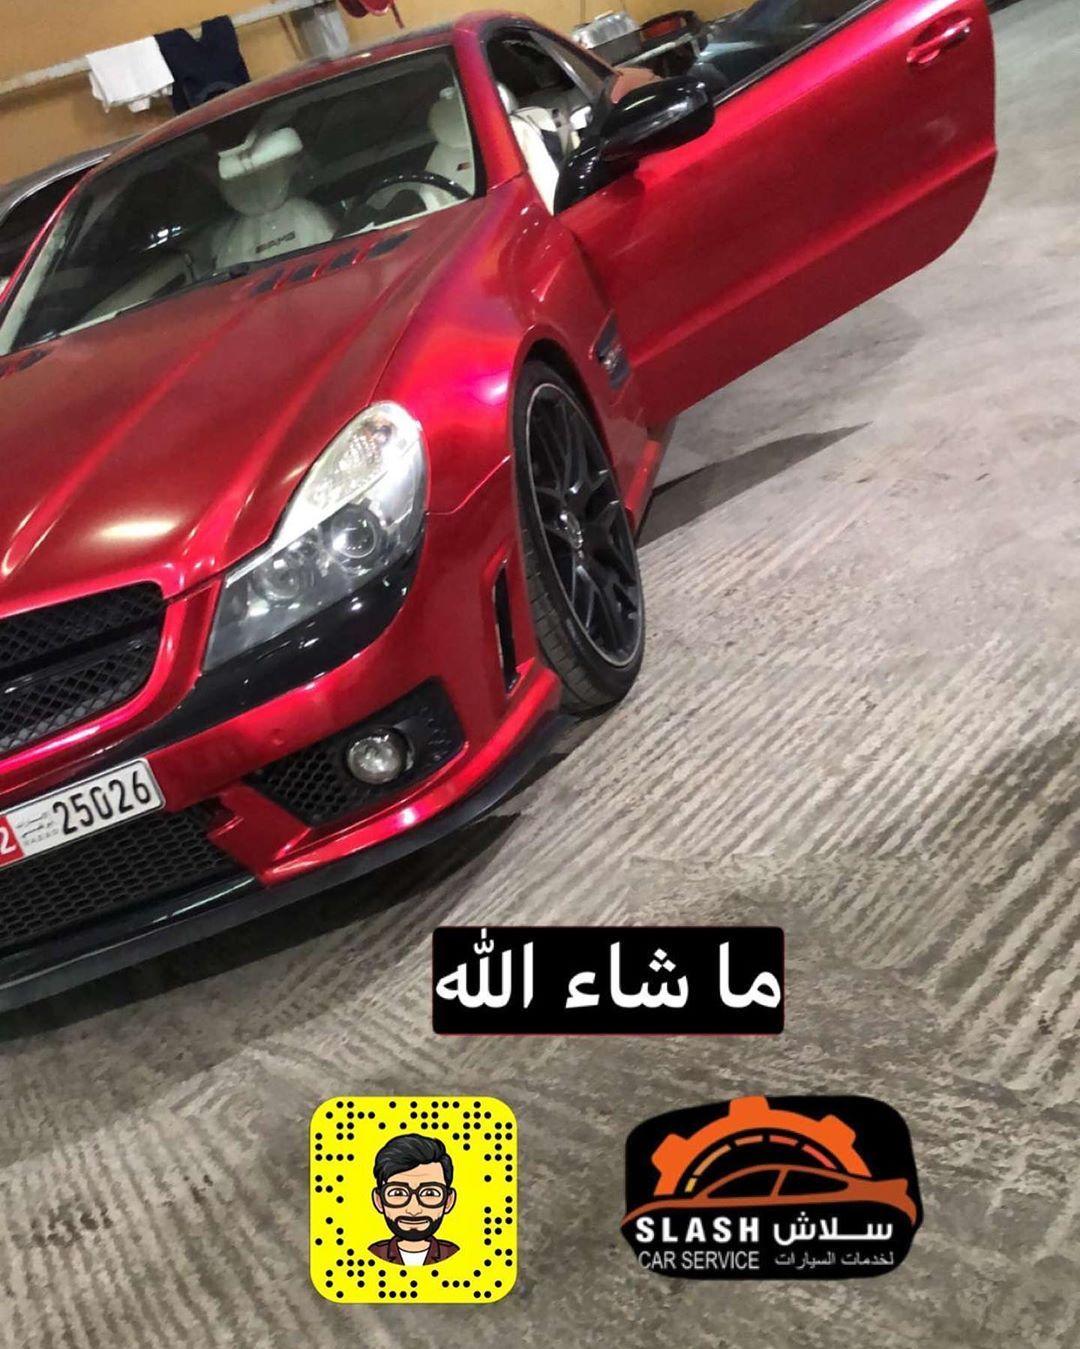 سلاش سلاش لخدمات السيارات مصفح الإمارات أبوظبي كراج سيارات Car Bmw Bmw Car